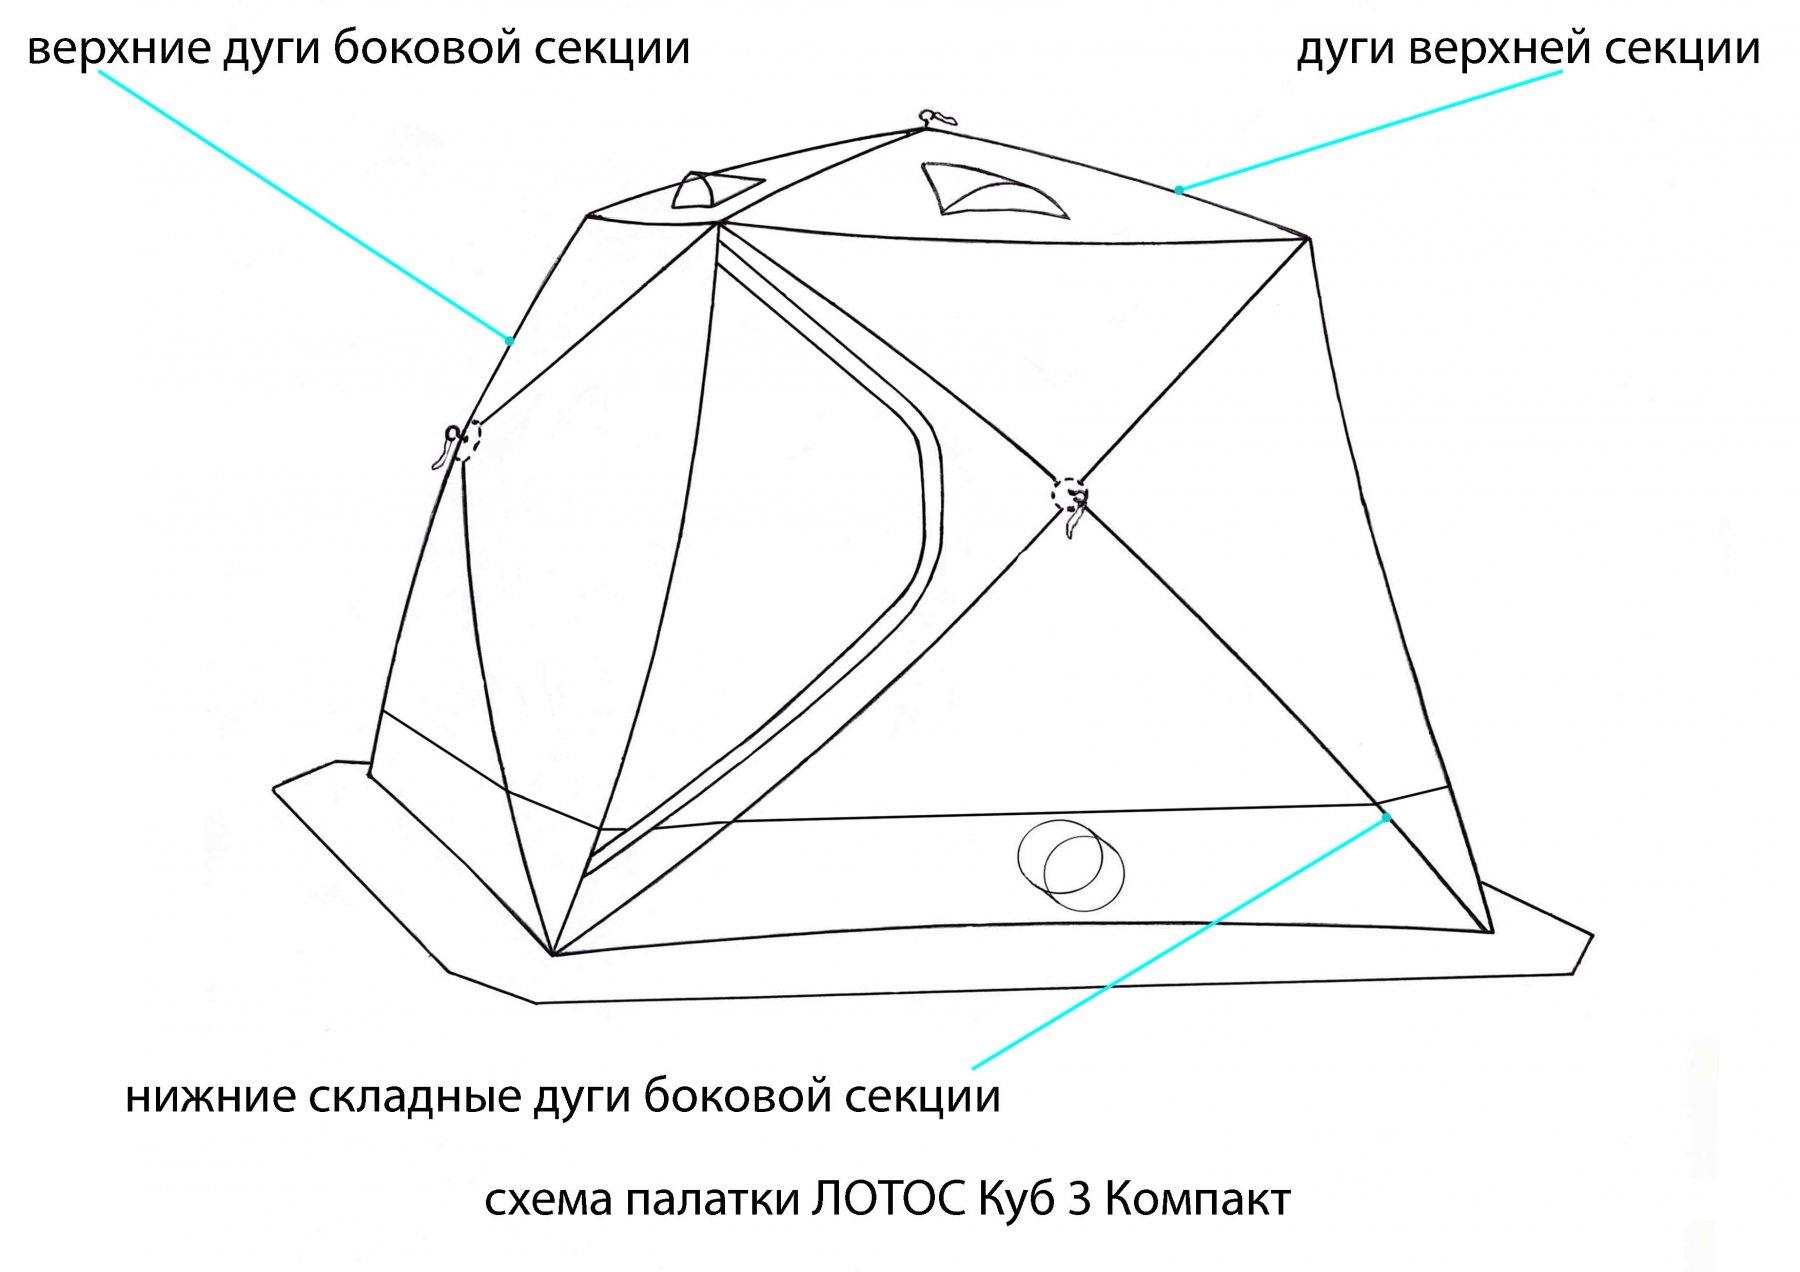 Схема палатки ЛОТОС Куб 3 Компакт